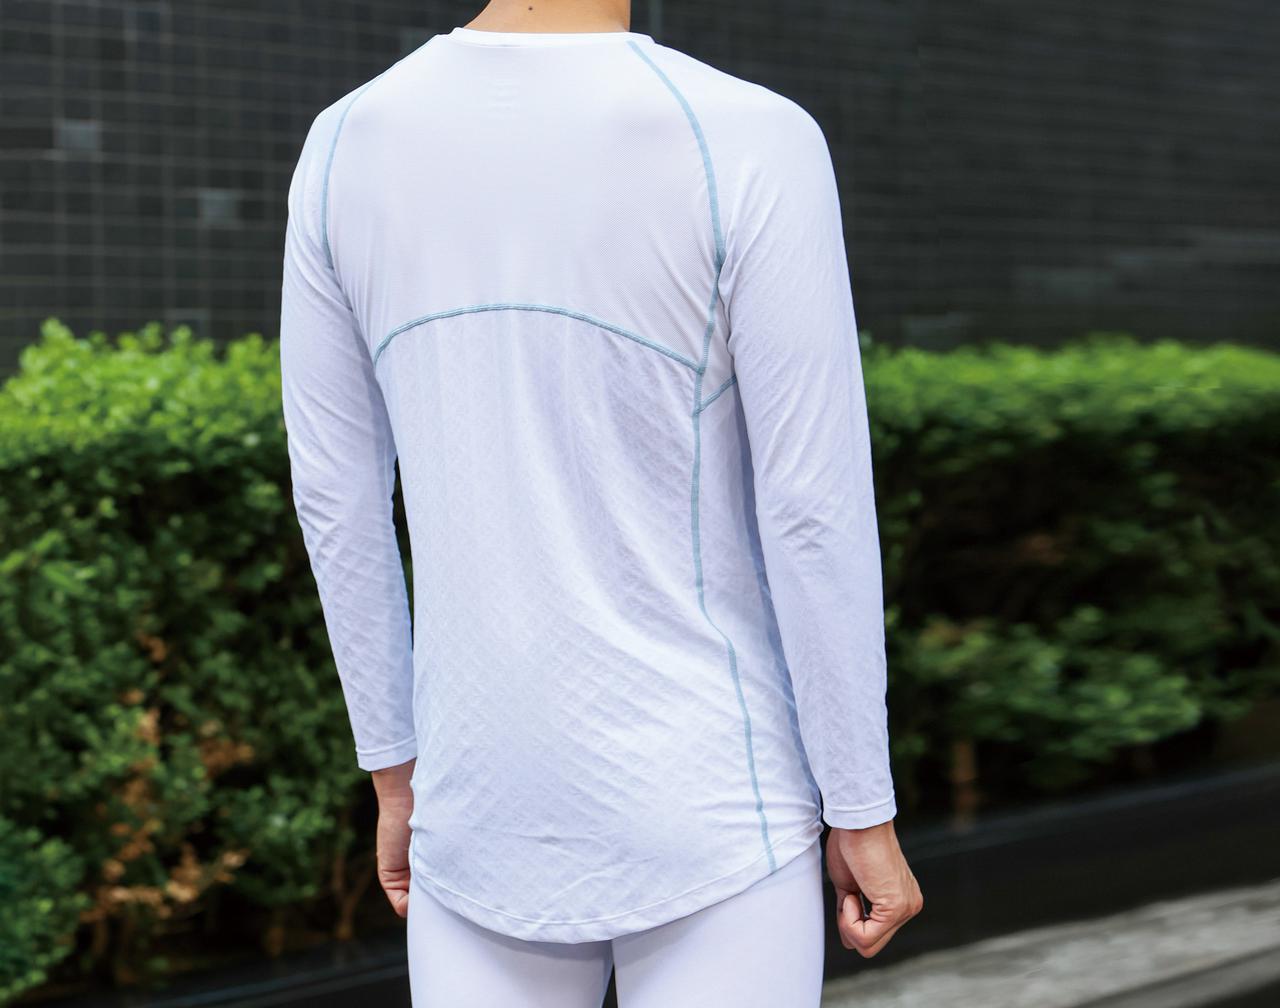 画像: 後ろ側の着丈が長く、スポーツモデルの前傾姿勢にも対応。縫い目から上の肩甲骨を覆う部分には通気性の高いメッシュ生地が使われている。